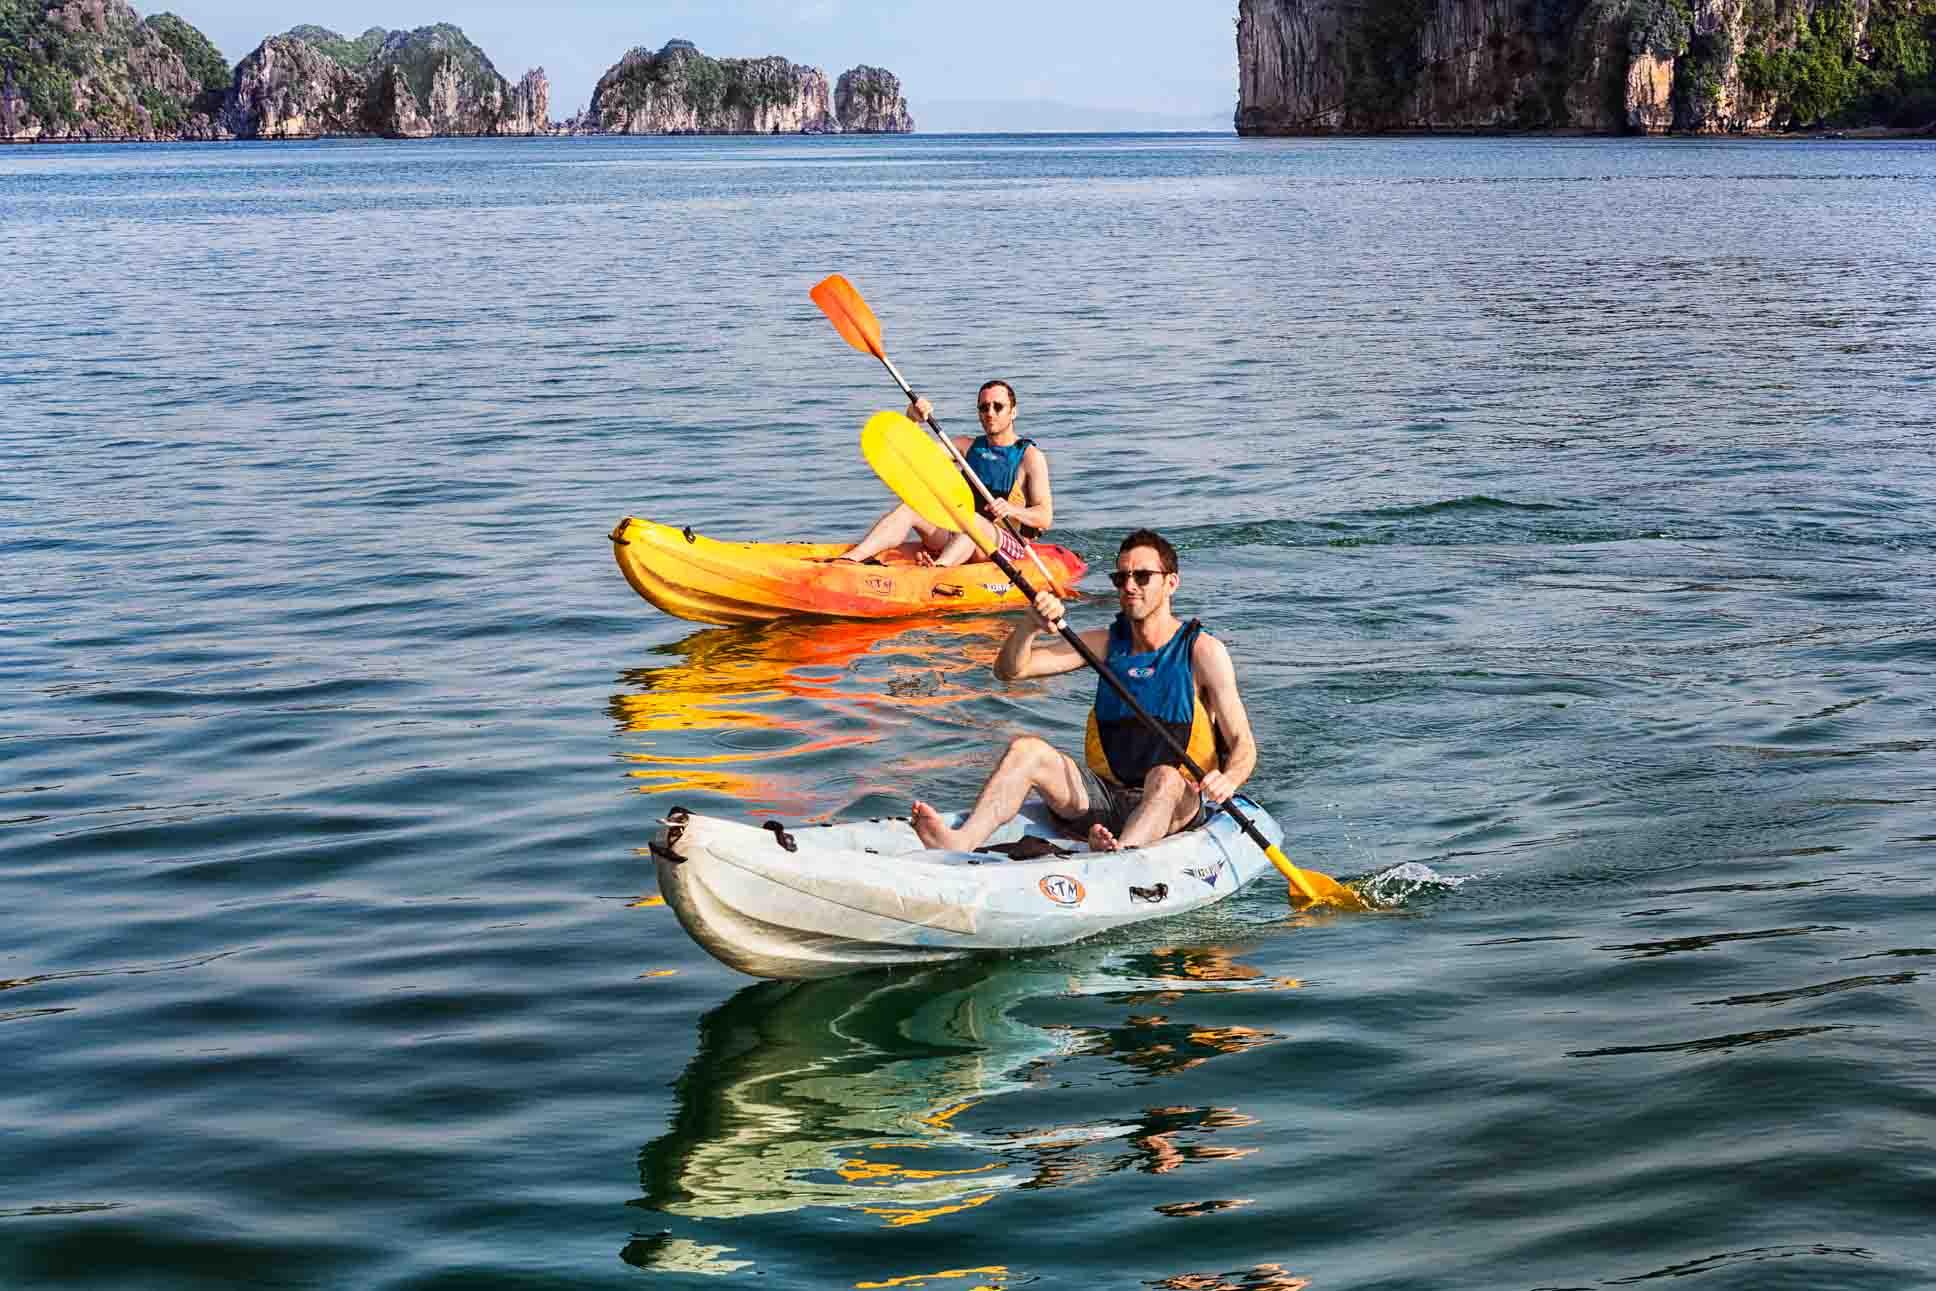 Chèo thuyền Kayak trên đảo Cát Bà (Ảnh: ST)